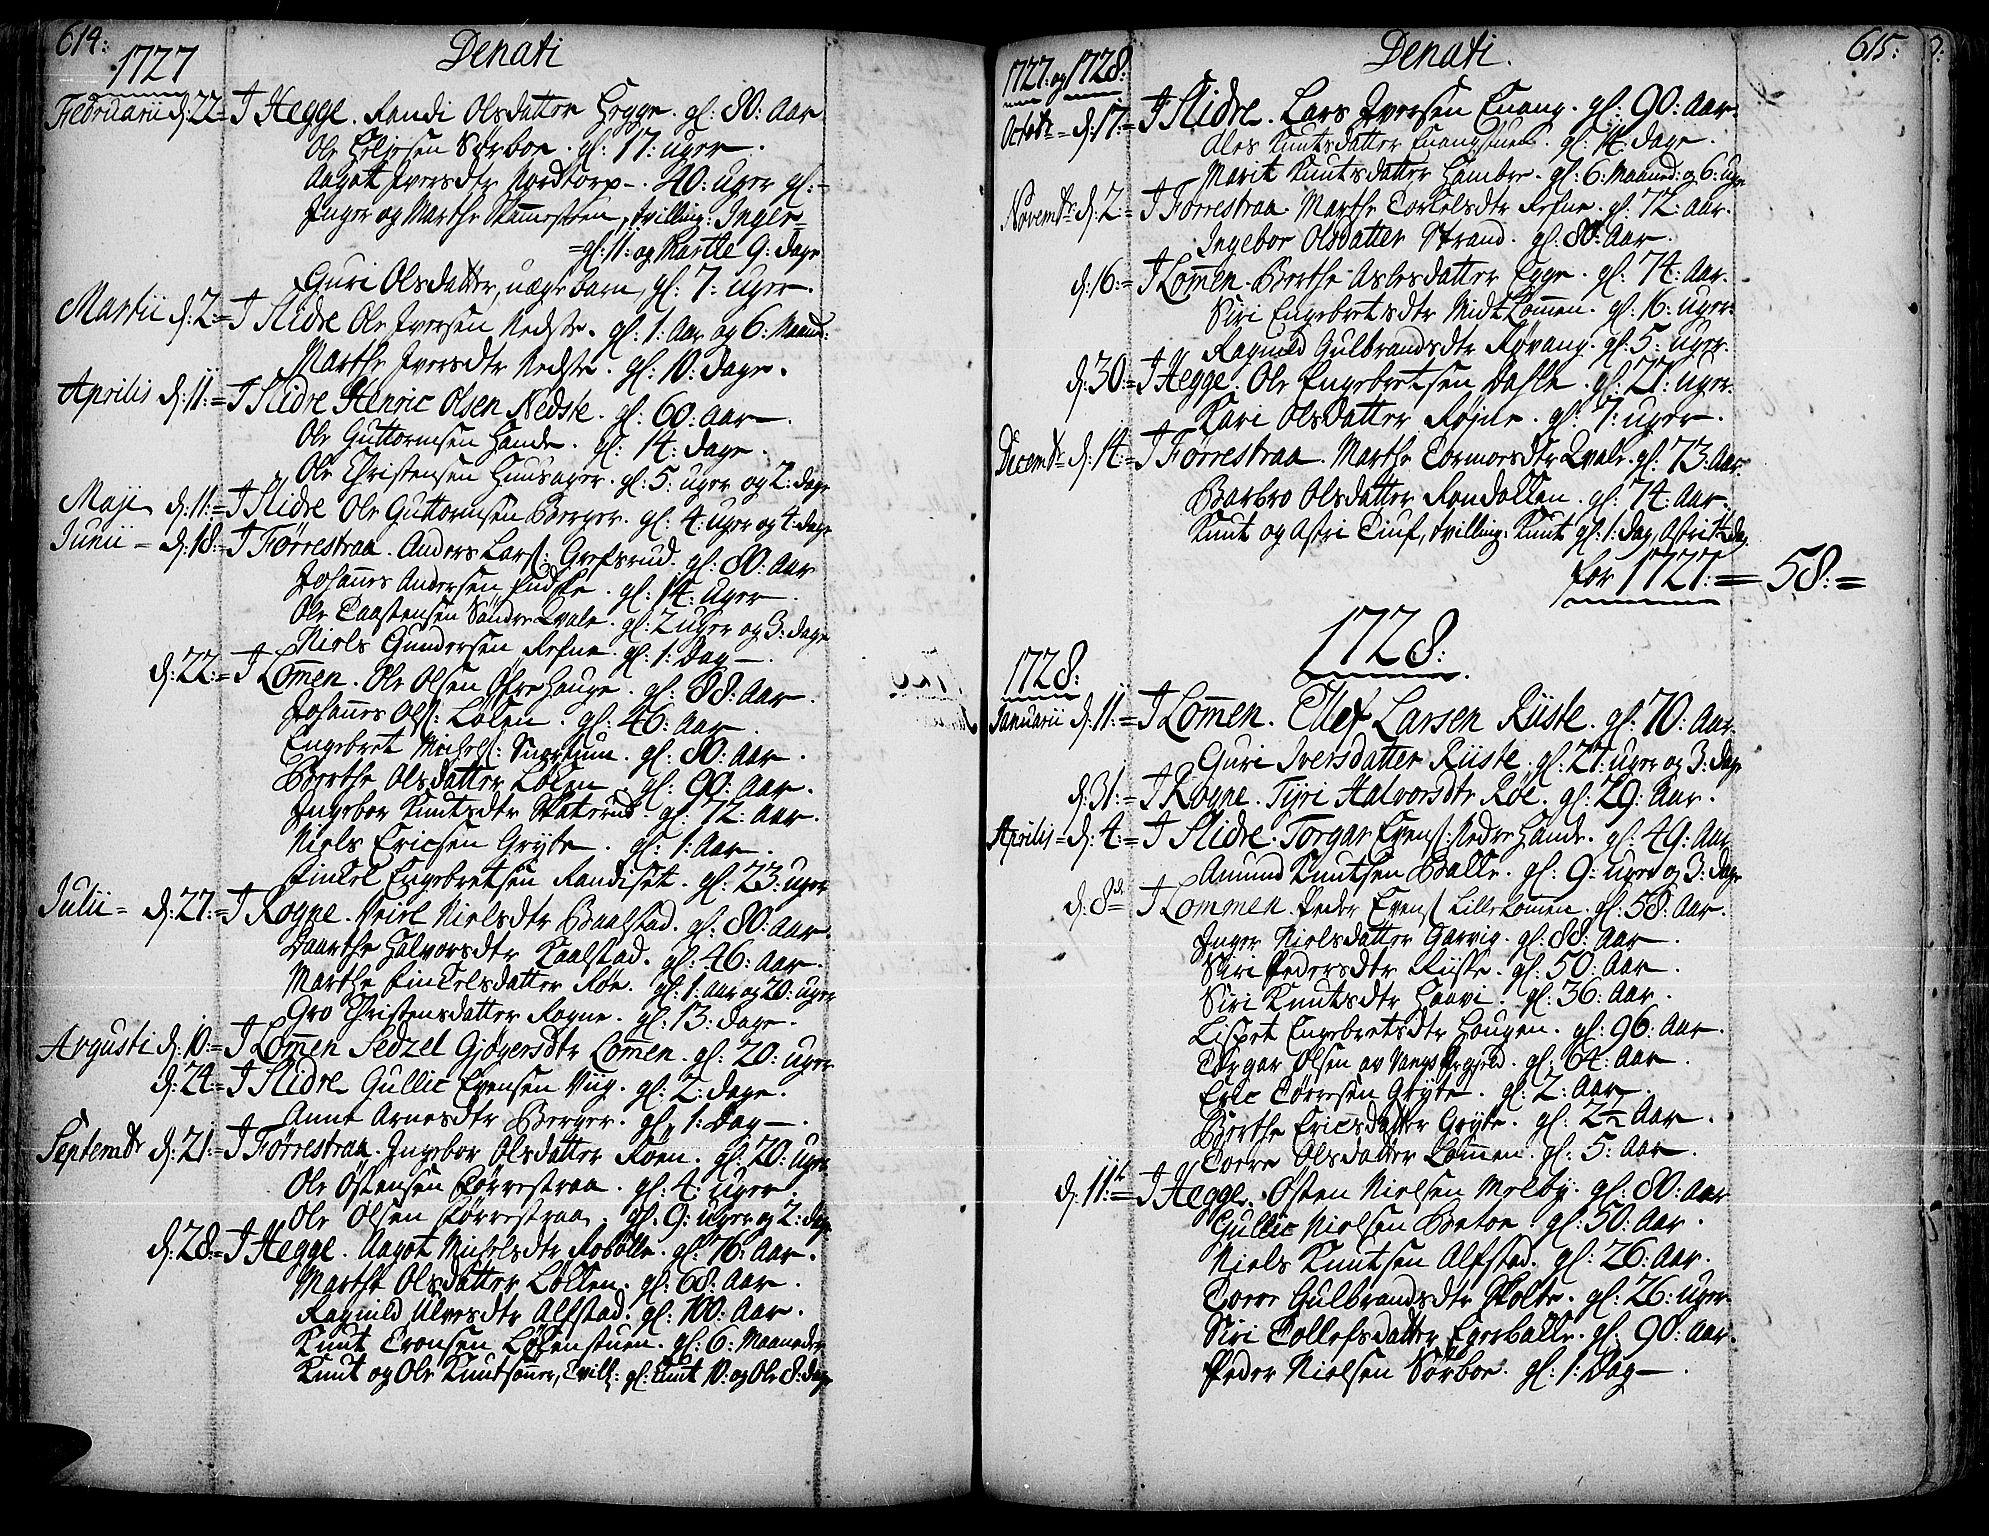 SAH, Slidre prestekontor, Ministerialbok nr. 1, 1724-1814, s. 614-615